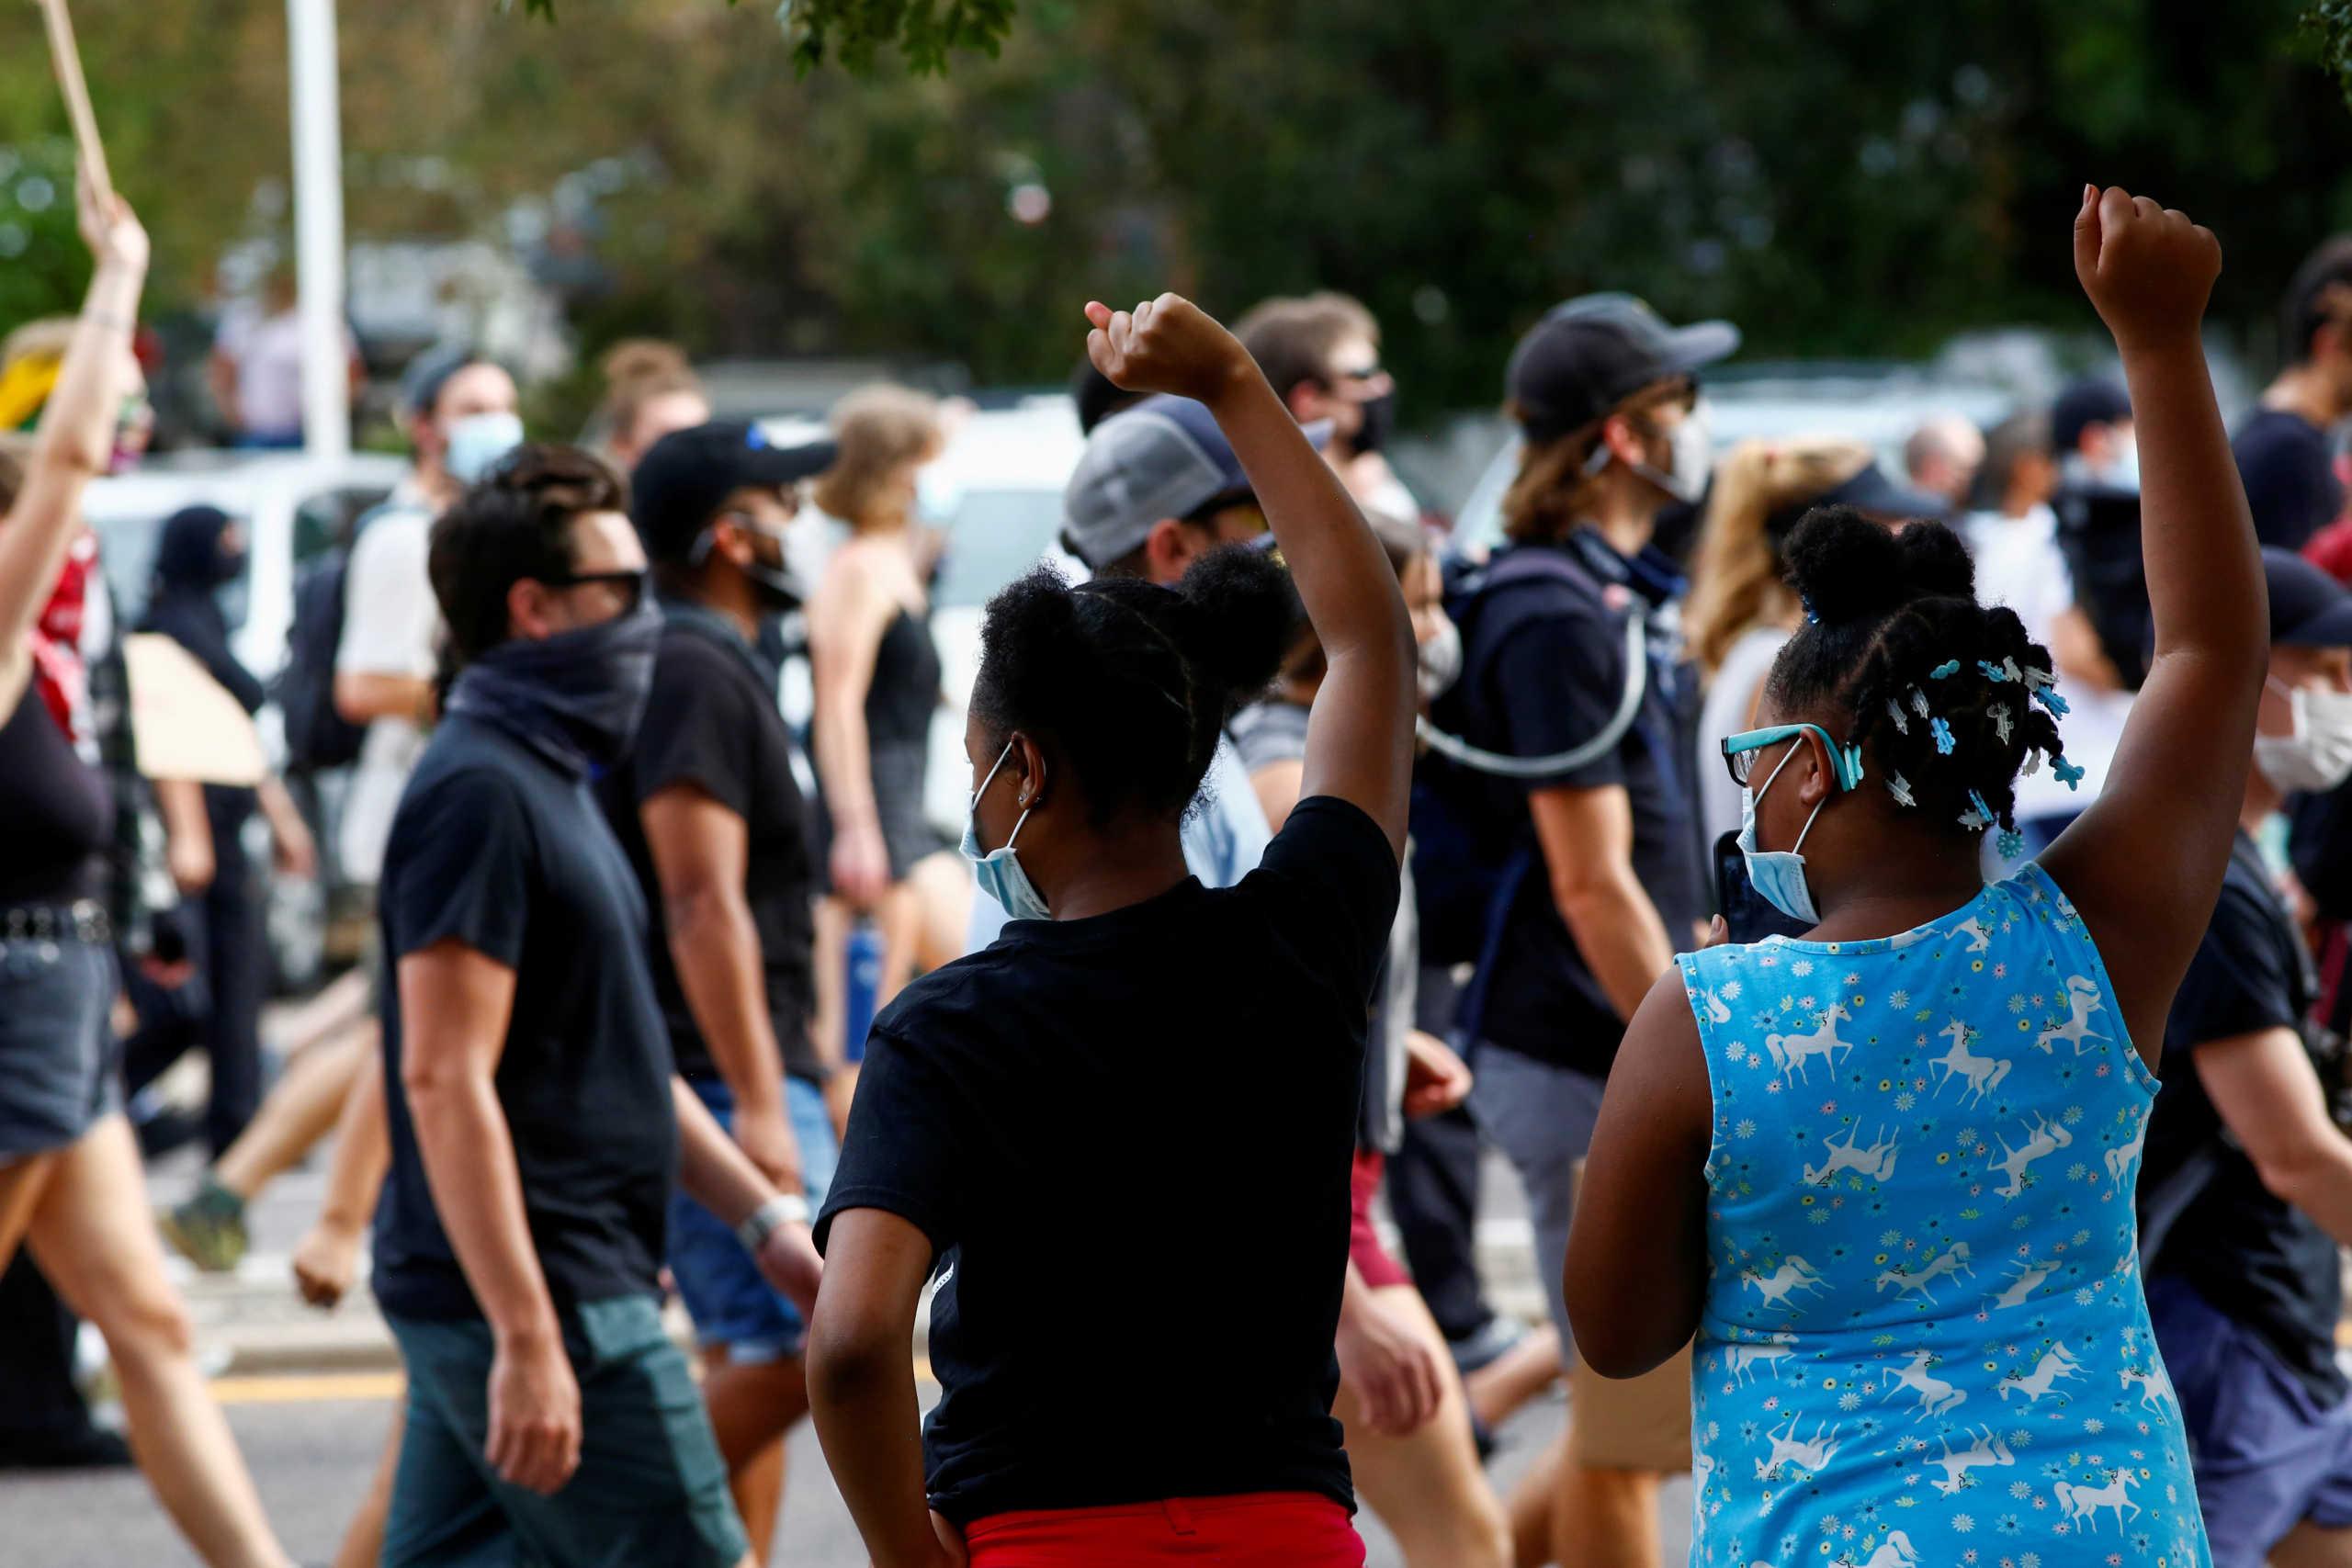 νεαροί διαδηλώνουν ενάντια στην αστυνομική βία